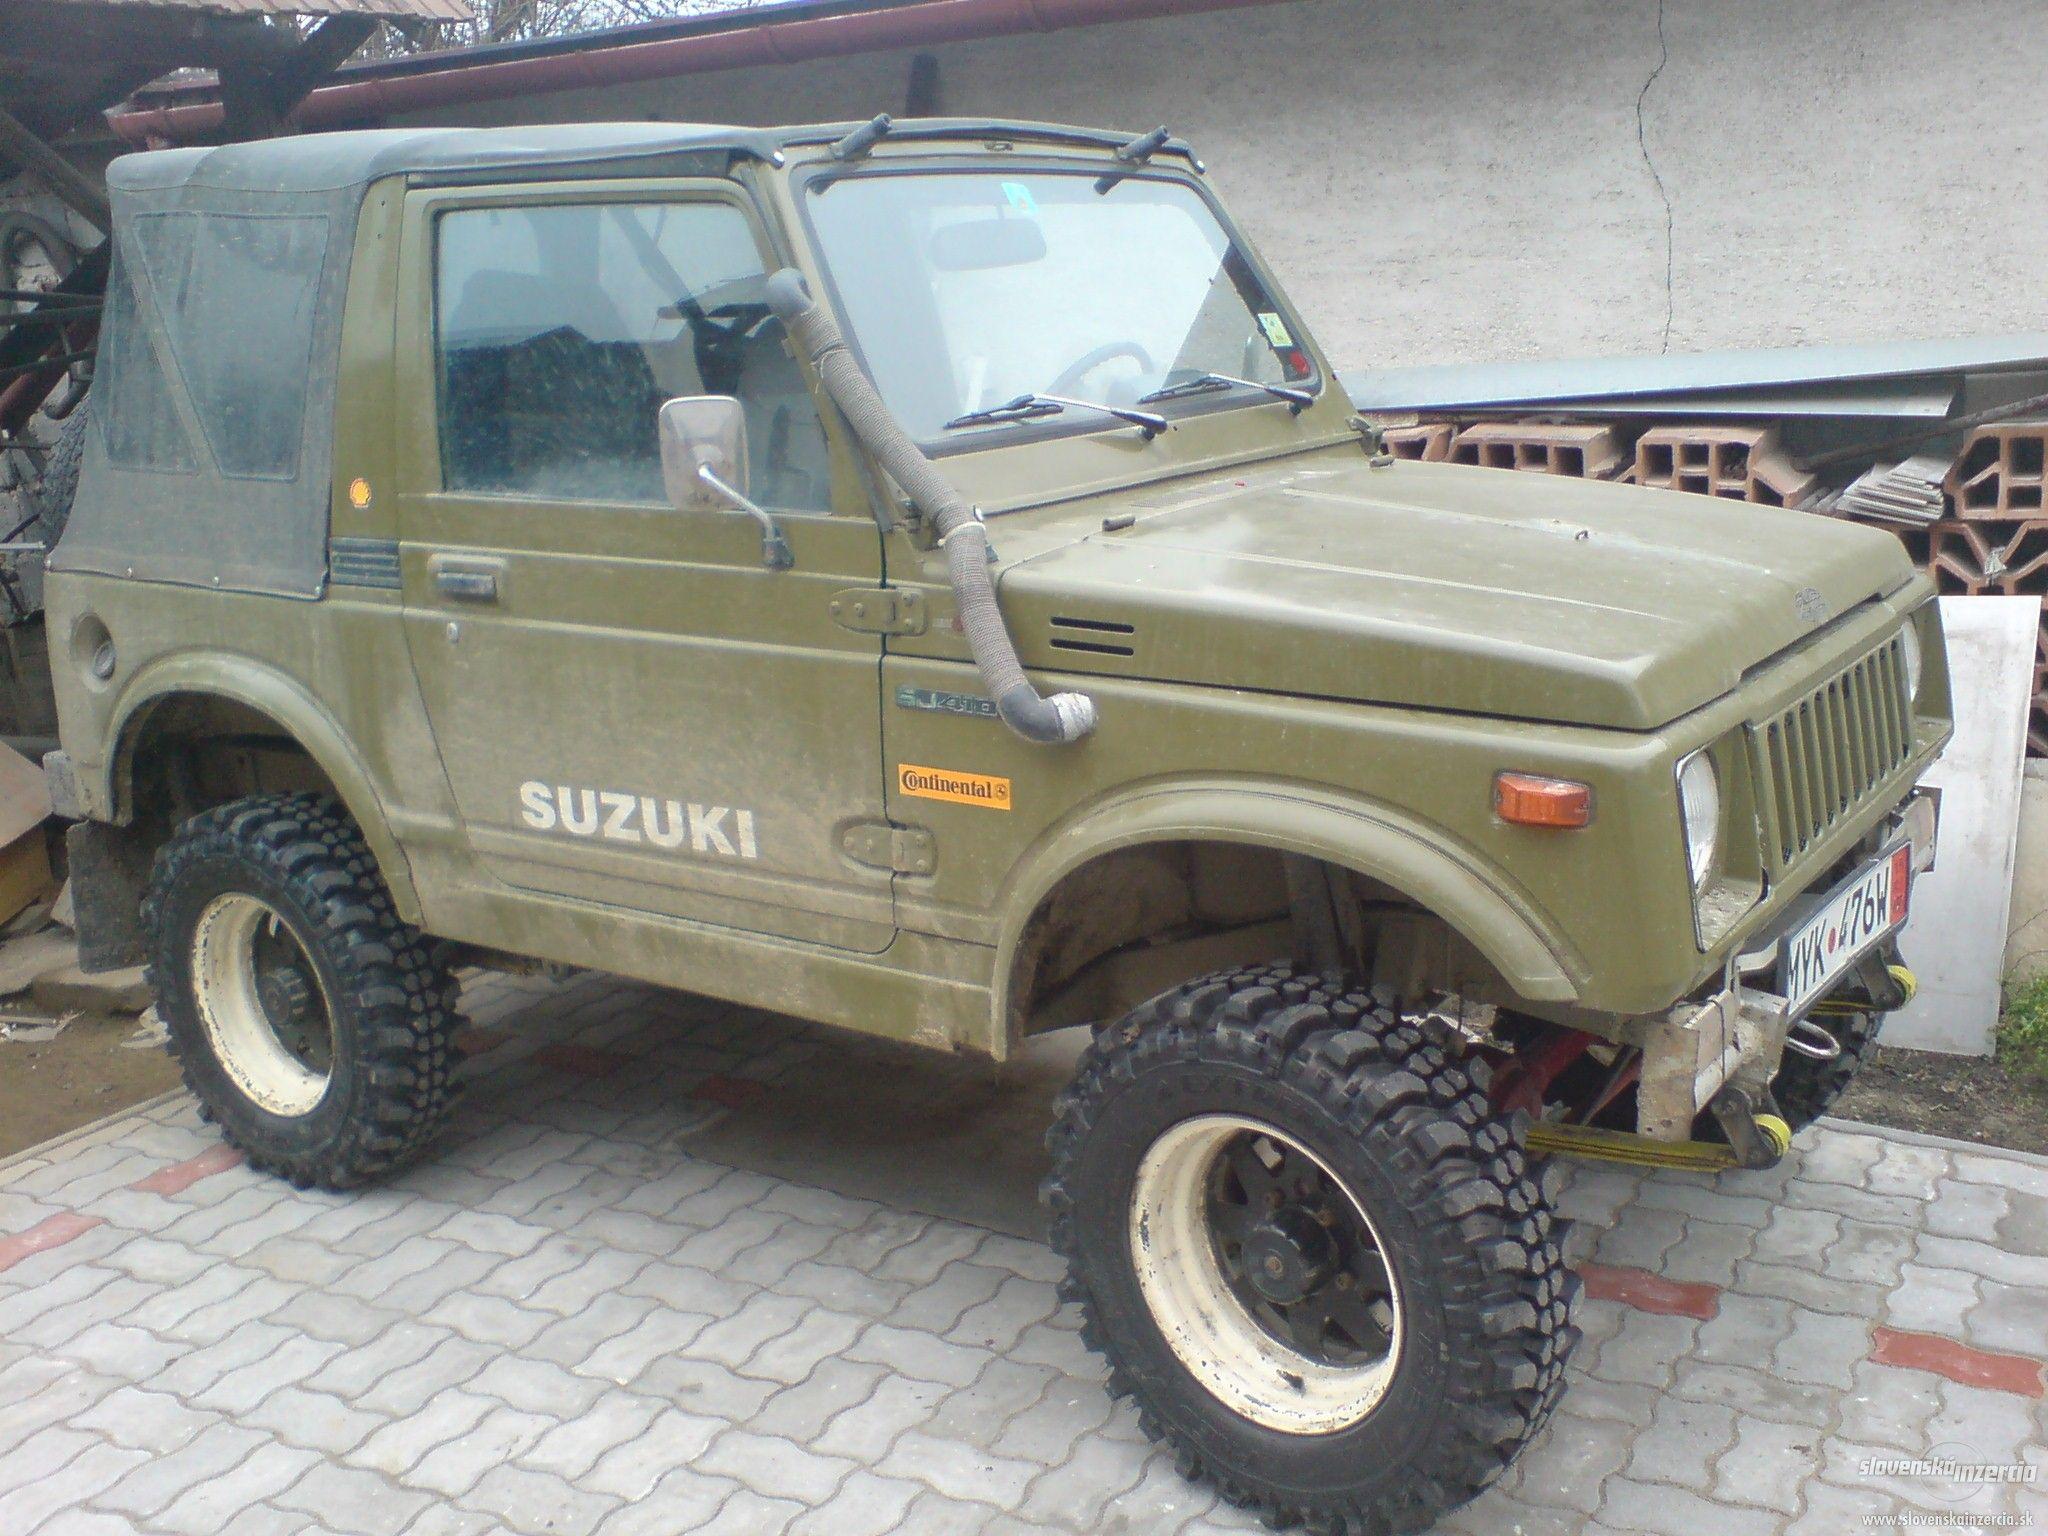 Suzuki Samurai Sj 410 Suzuki Samourai Voiture